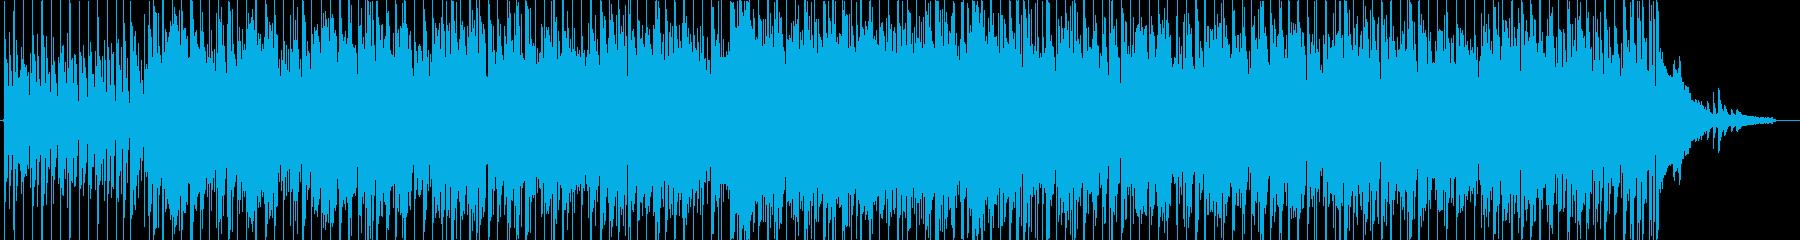 カフェで流れてるようなボサノバの再生済みの波形